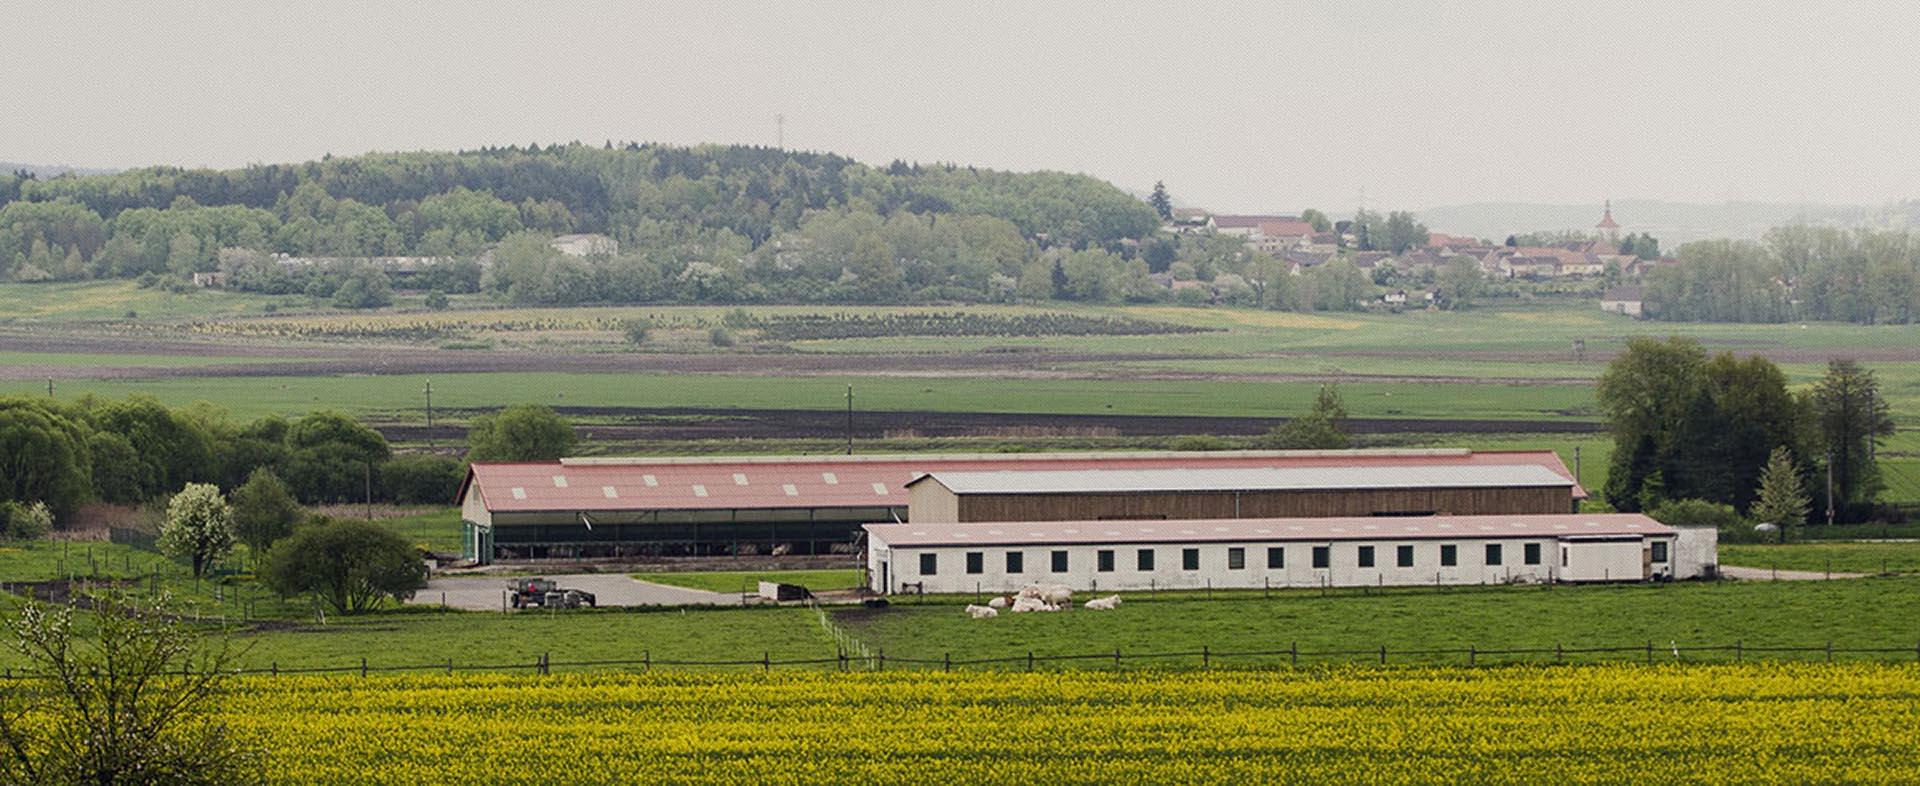 Ekologické zemědělství - Maletická farma